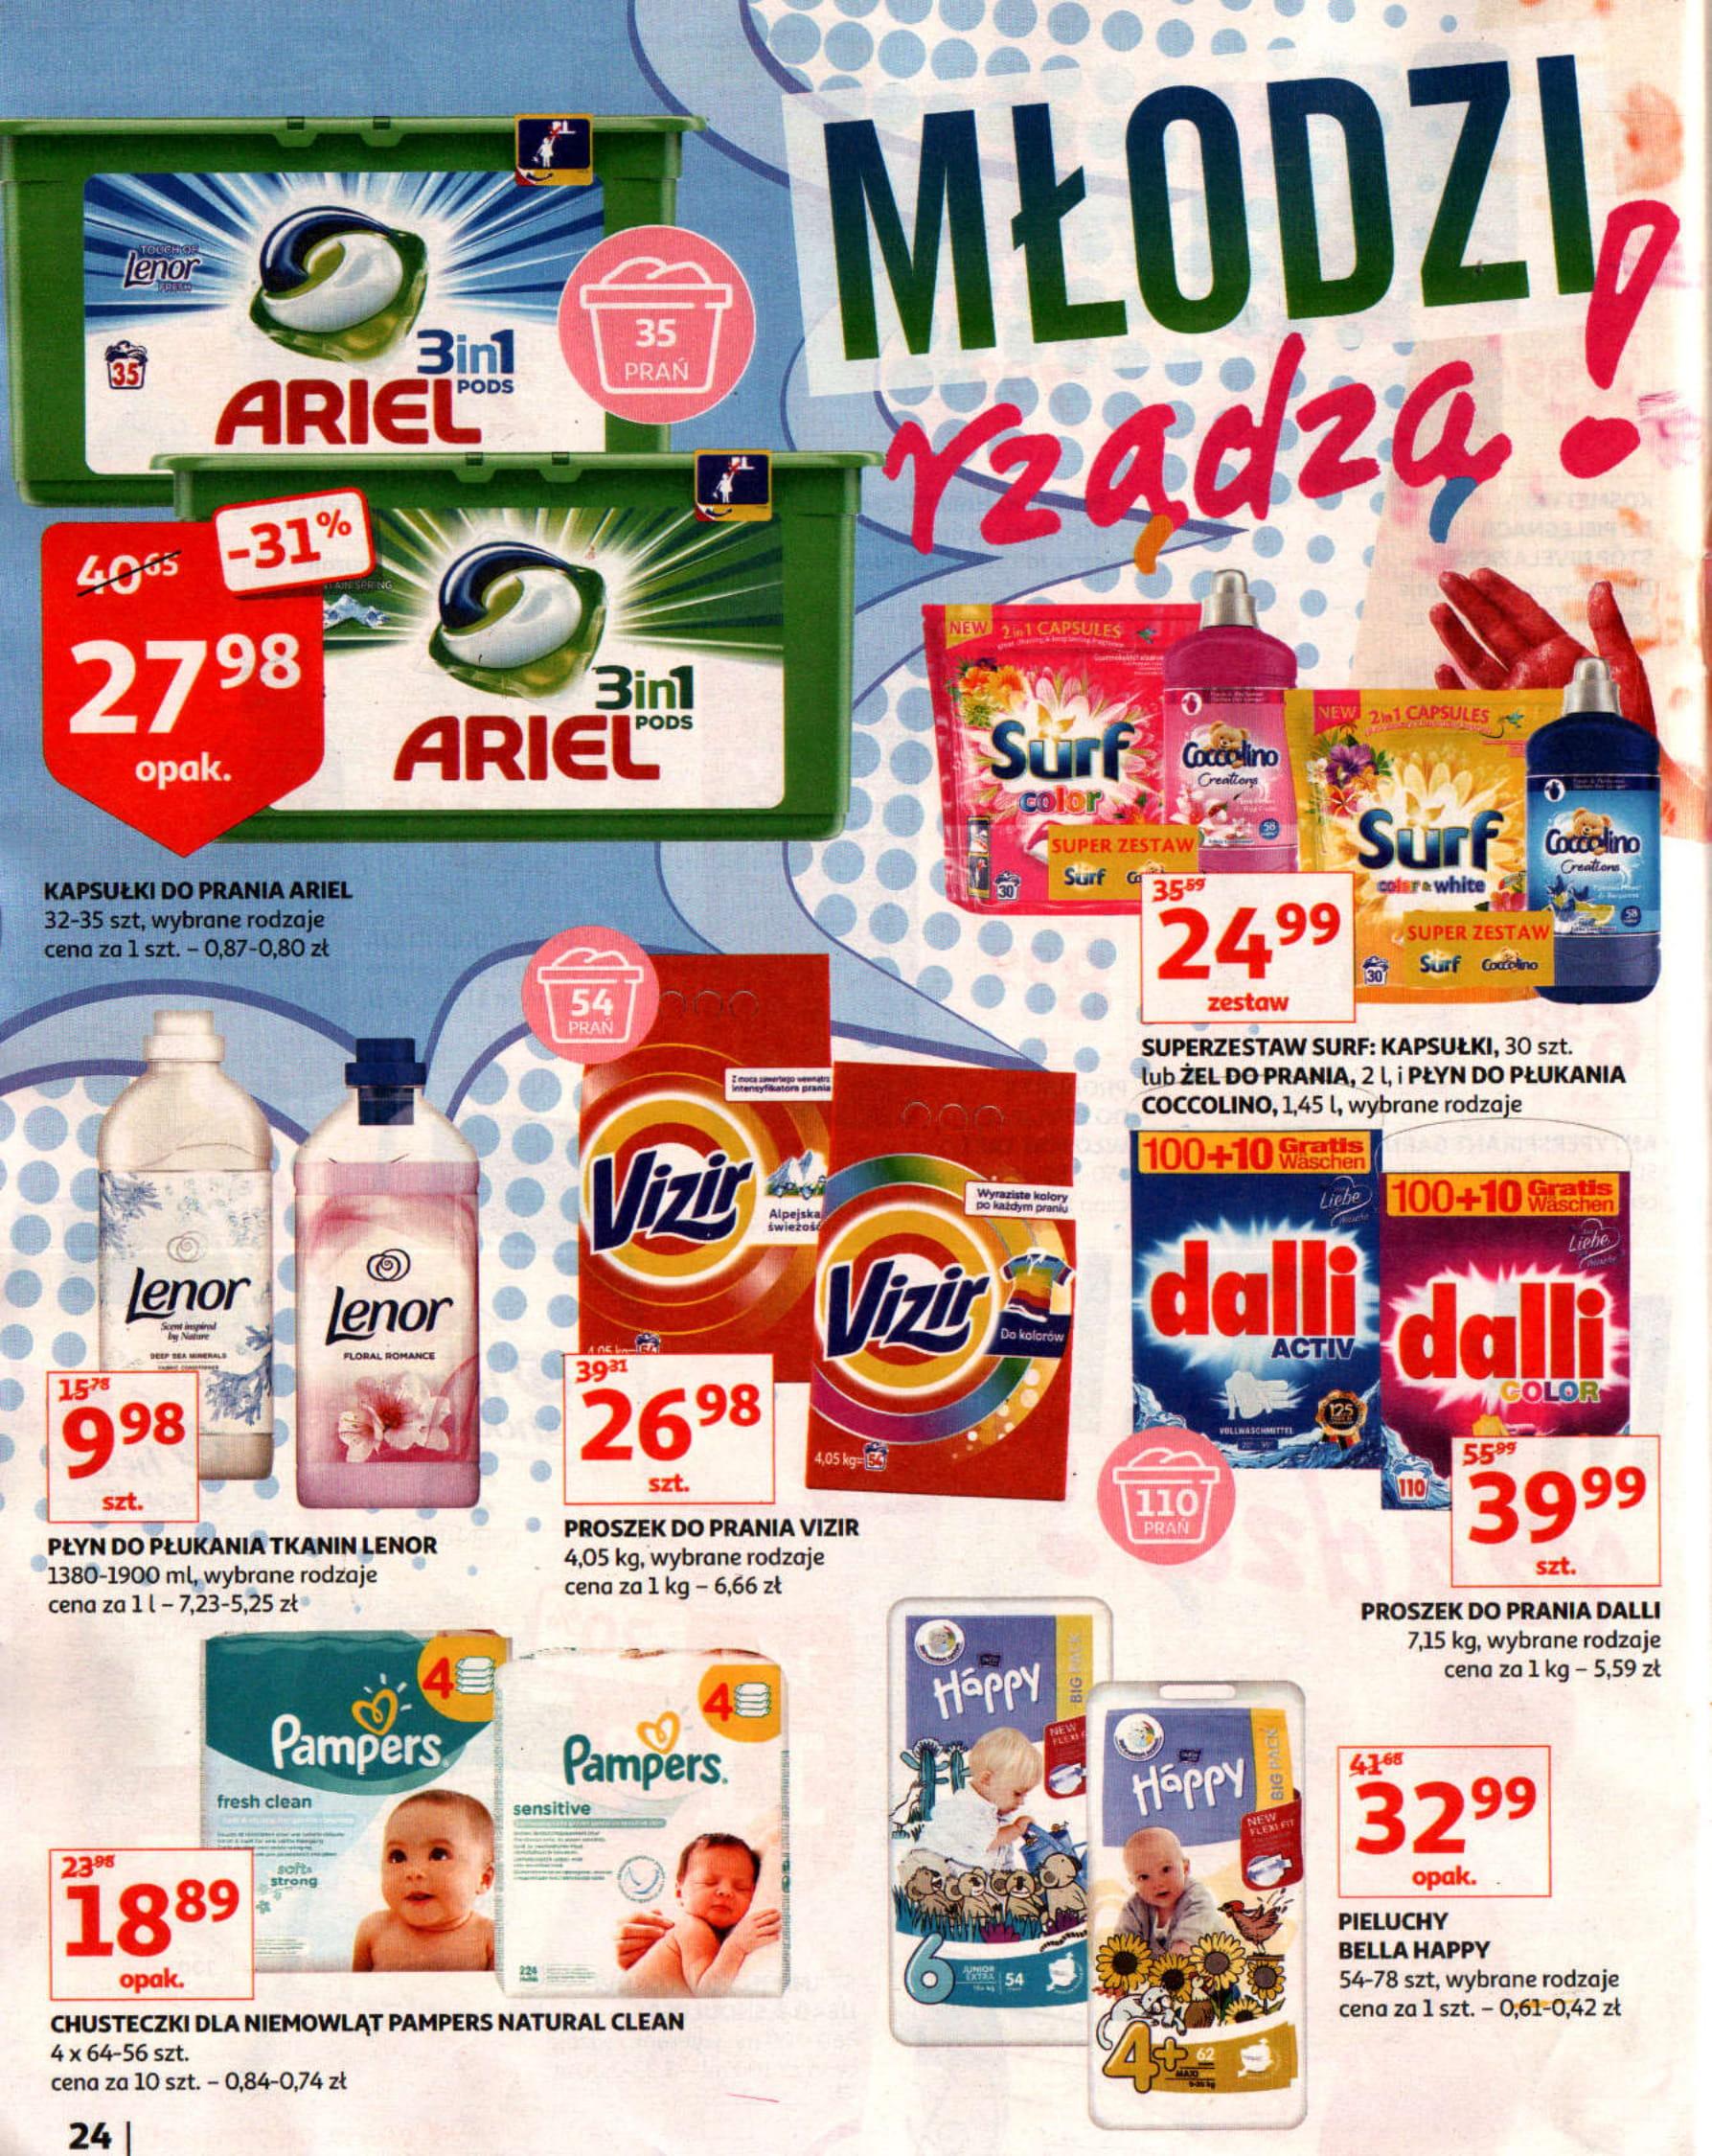 Auchan gazetka ważna od 16.08 do 21.08.2019